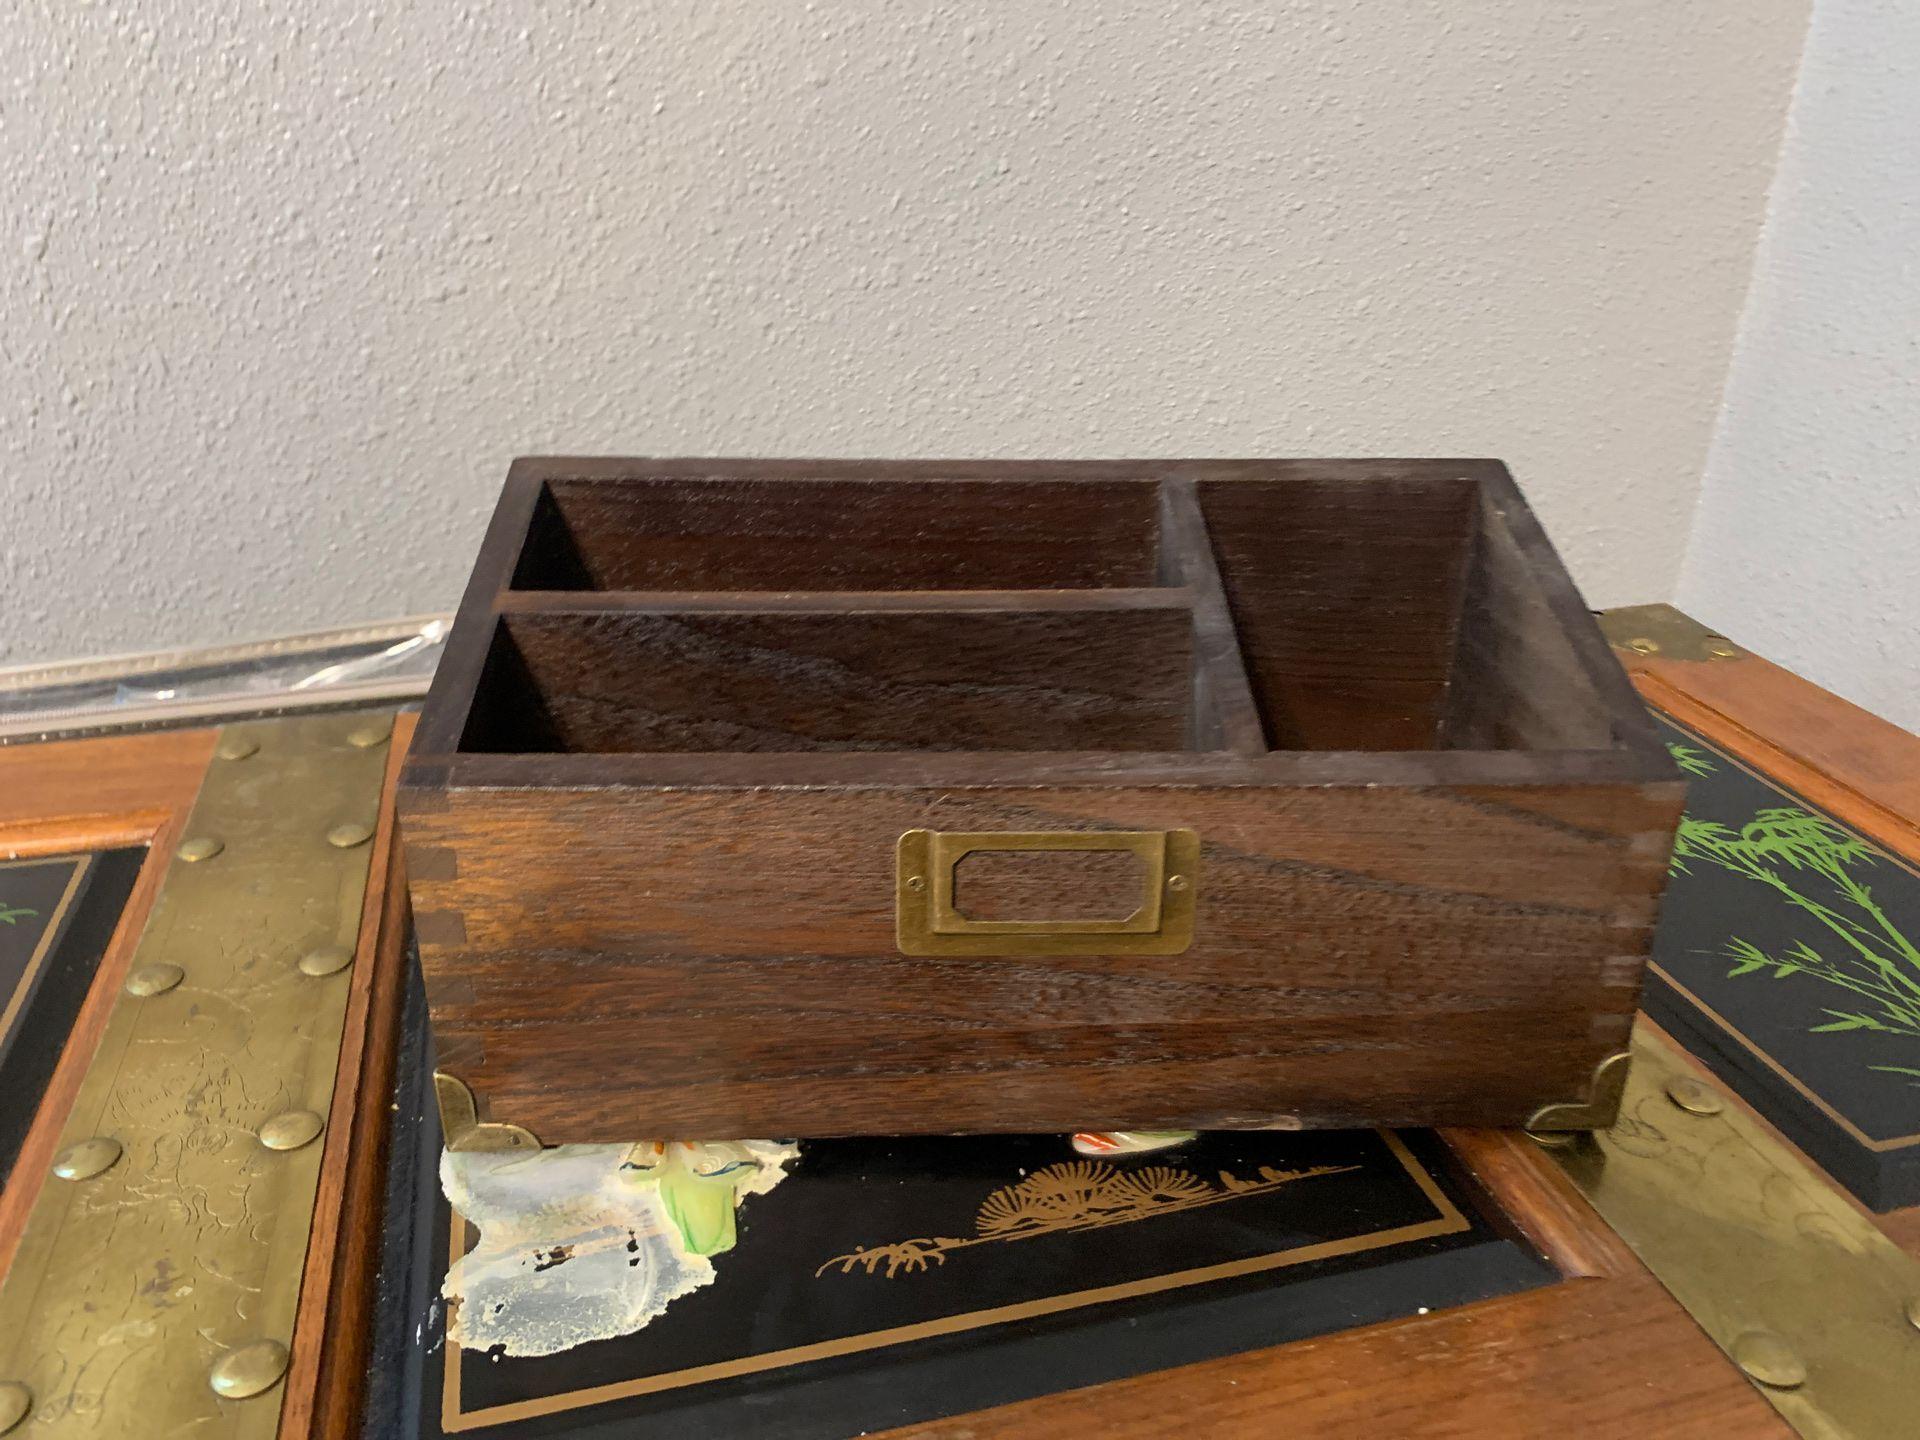 Mail or desk organizer